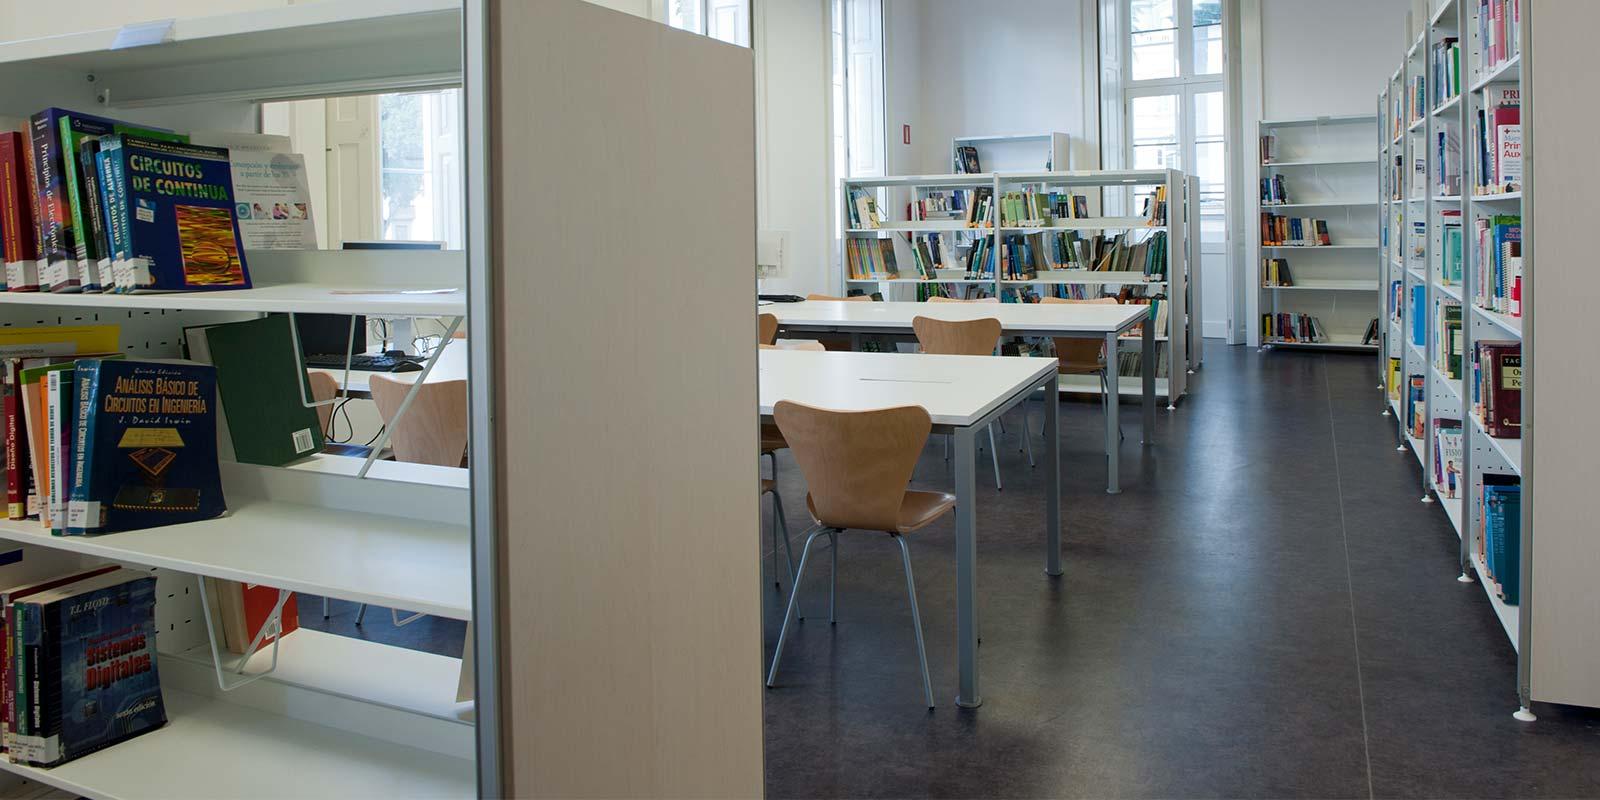 Biblioteca Insular das Canarias 1